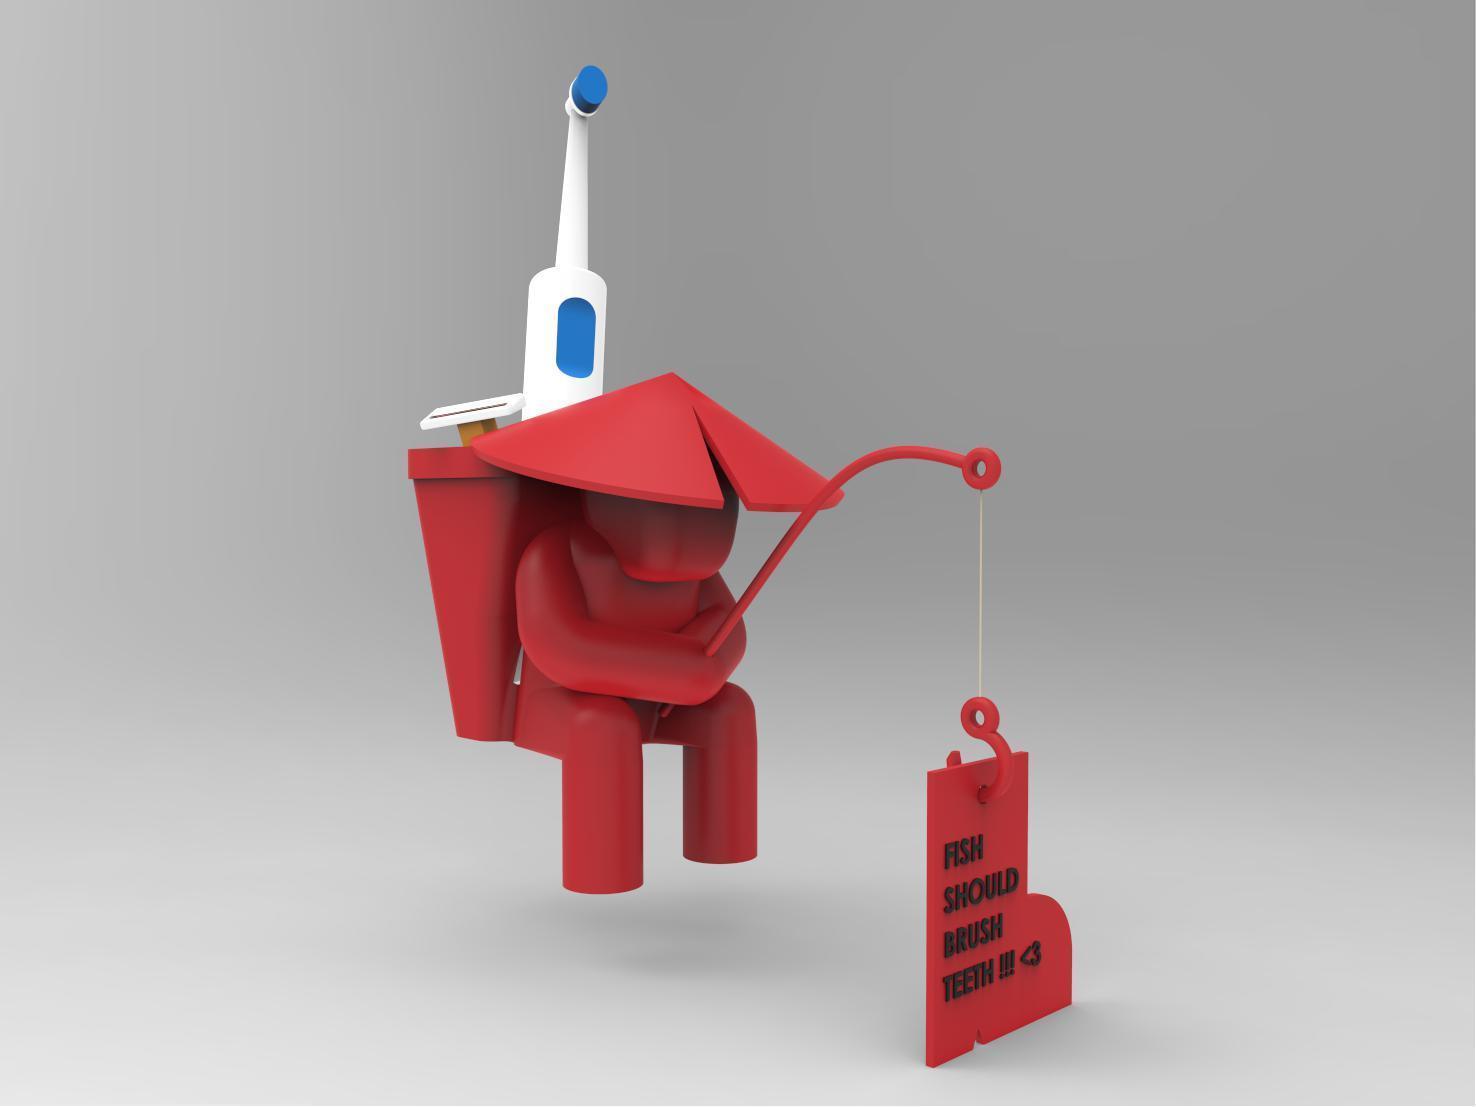 20171112-SINKsherman-28.jpg Download free STL file SINKsherman: Clean Toothbrush Pot • 3D printing object, TayoTayo